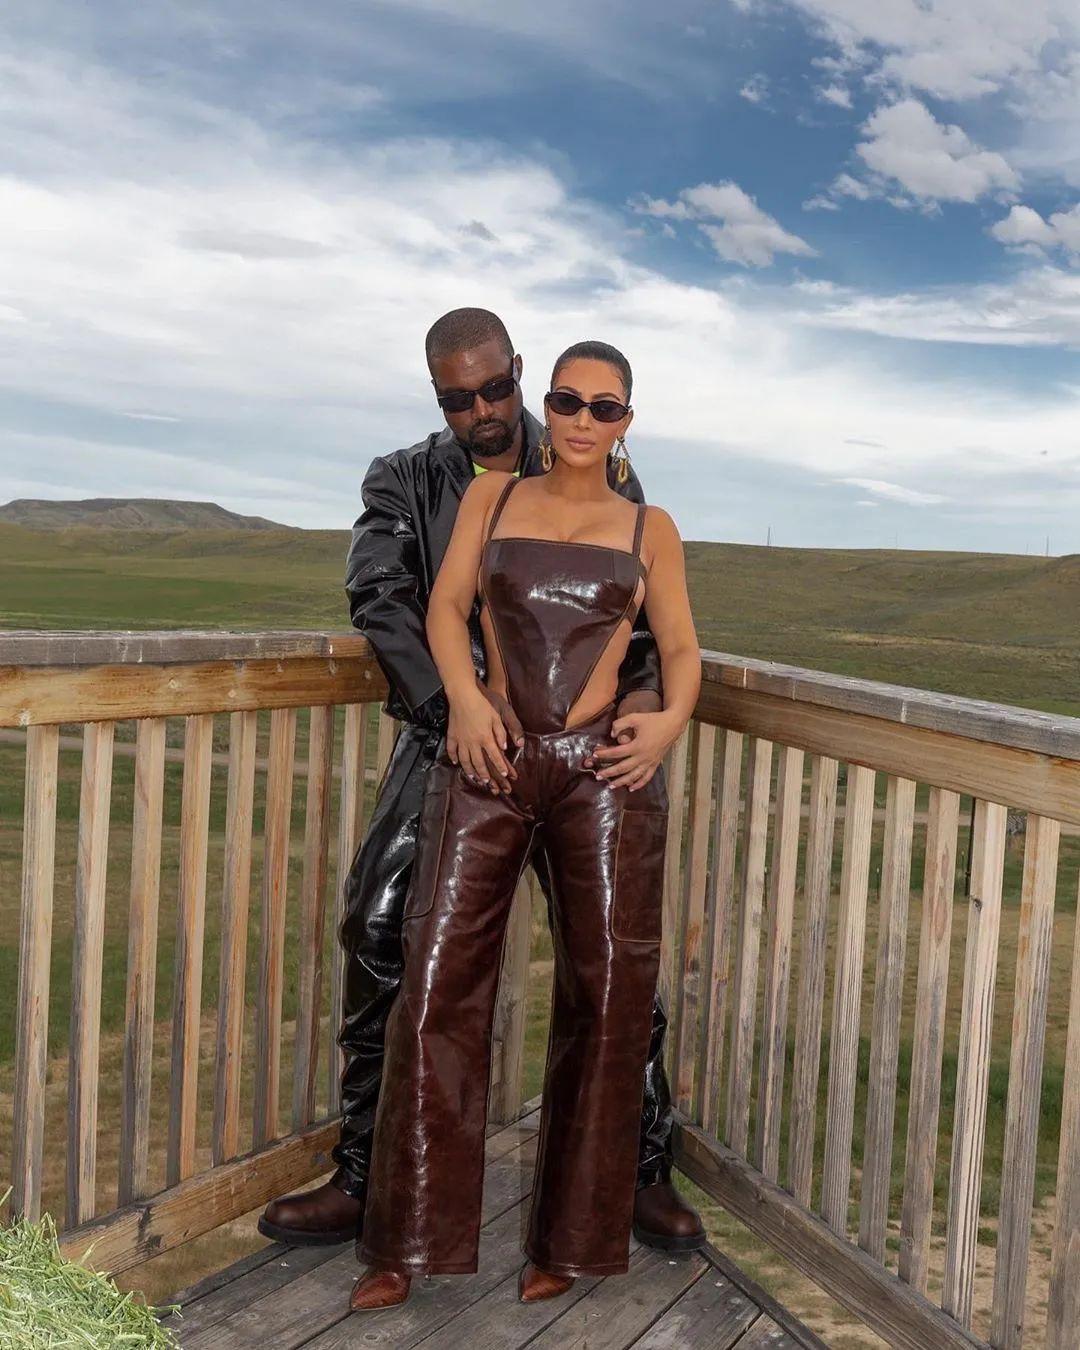 Yeezy工厂搬到美国计划失败!2年内Kanye亏了1900万!卖房!